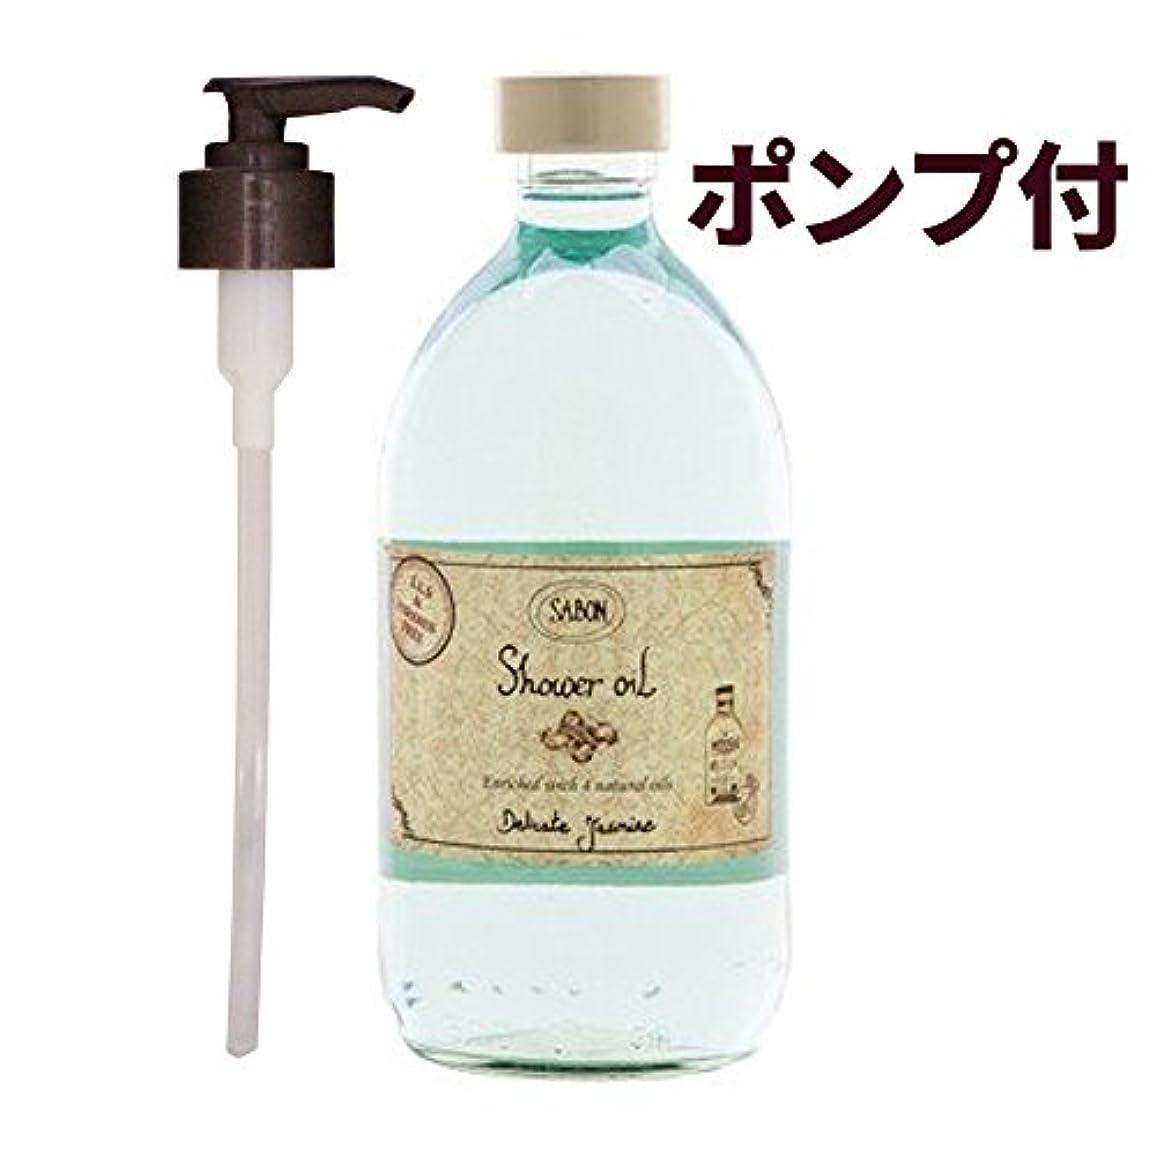 タイトル乳白孤独なサボン シャワーオイル デリケートジャスミン500ml(並行輸入品)